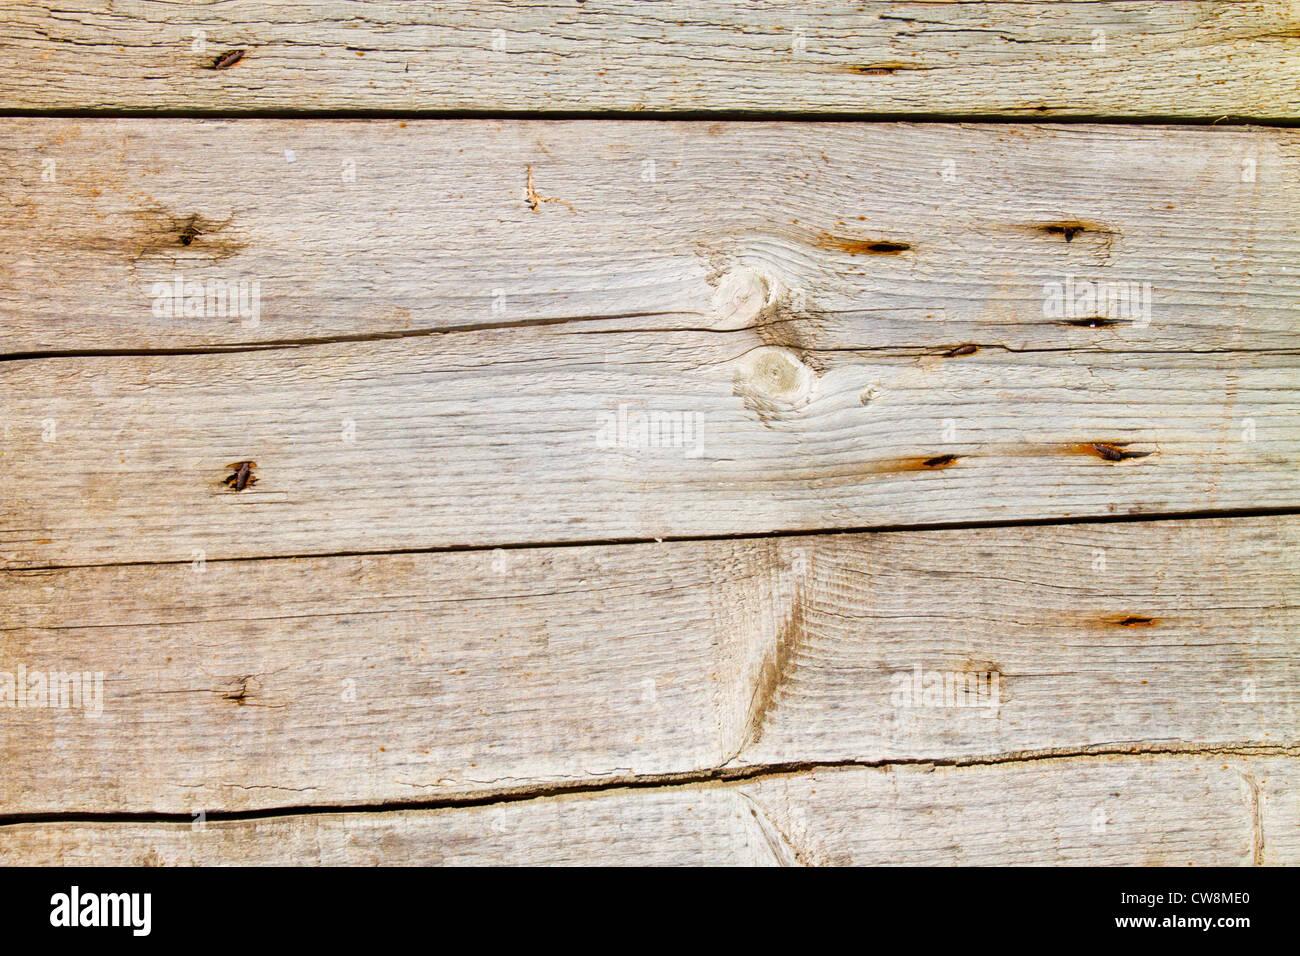 Alte verwitterte Holz Zaun Bretter mit Knoten Hautunreinheiten